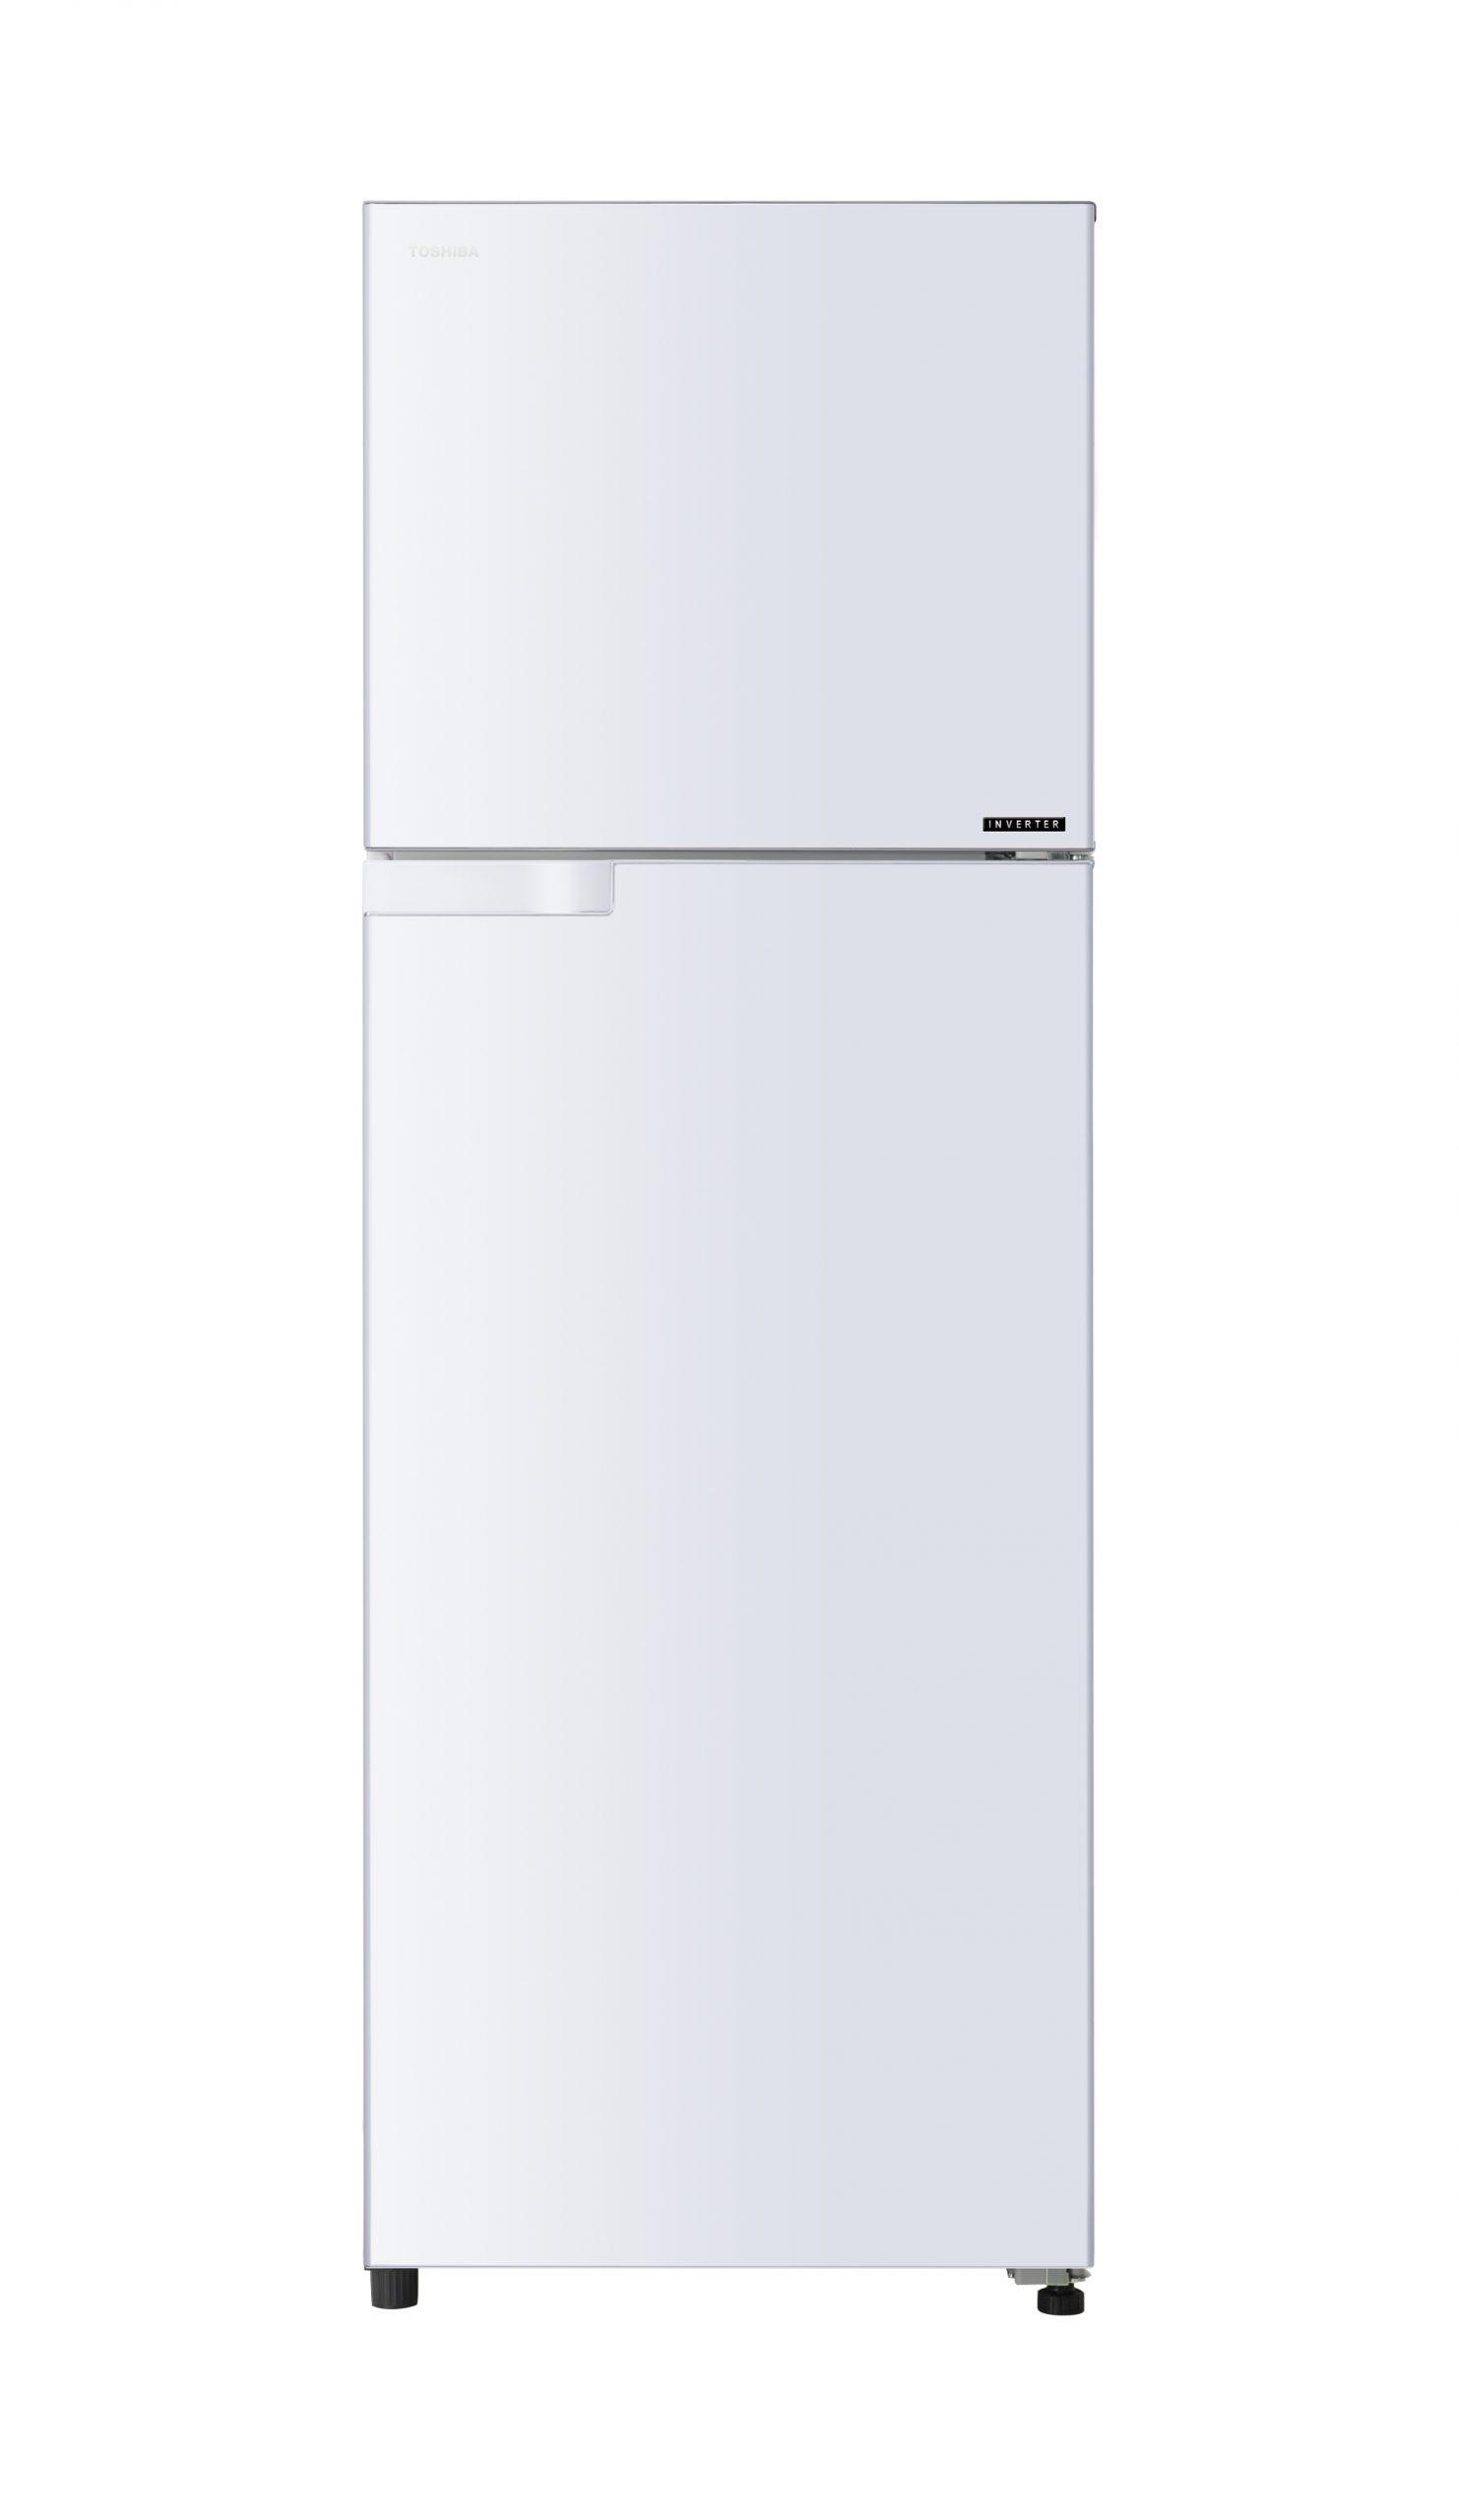 Soyuducu Toshiba GR-A475UBZ-C(W)  - 1